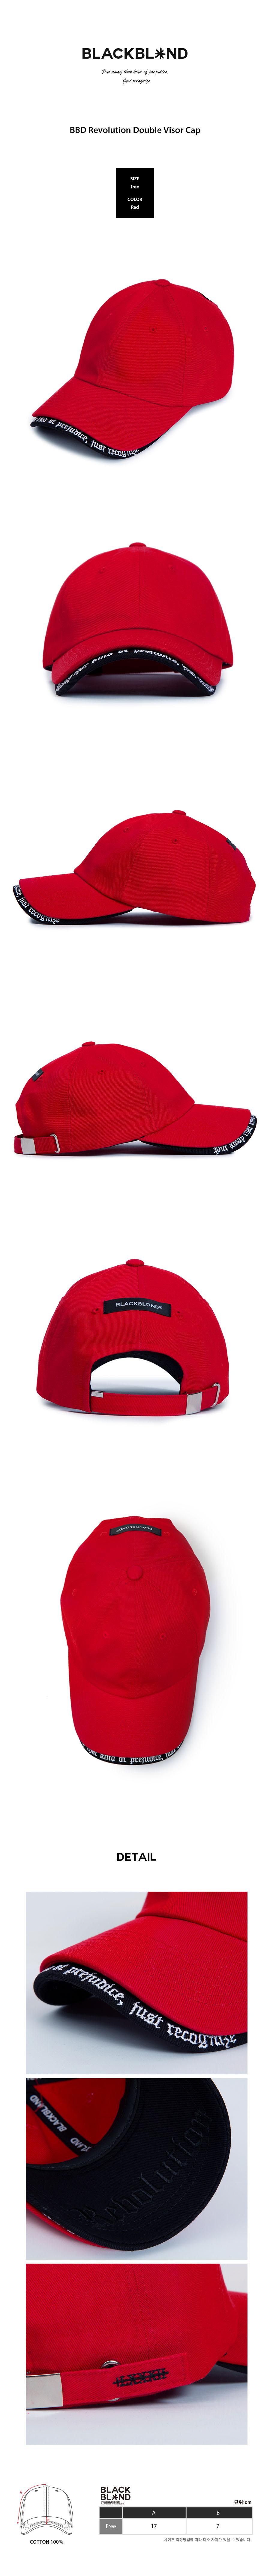 블랙블론드 BLACKBLOND - BBD Revolution Double Visor Cap (Red)